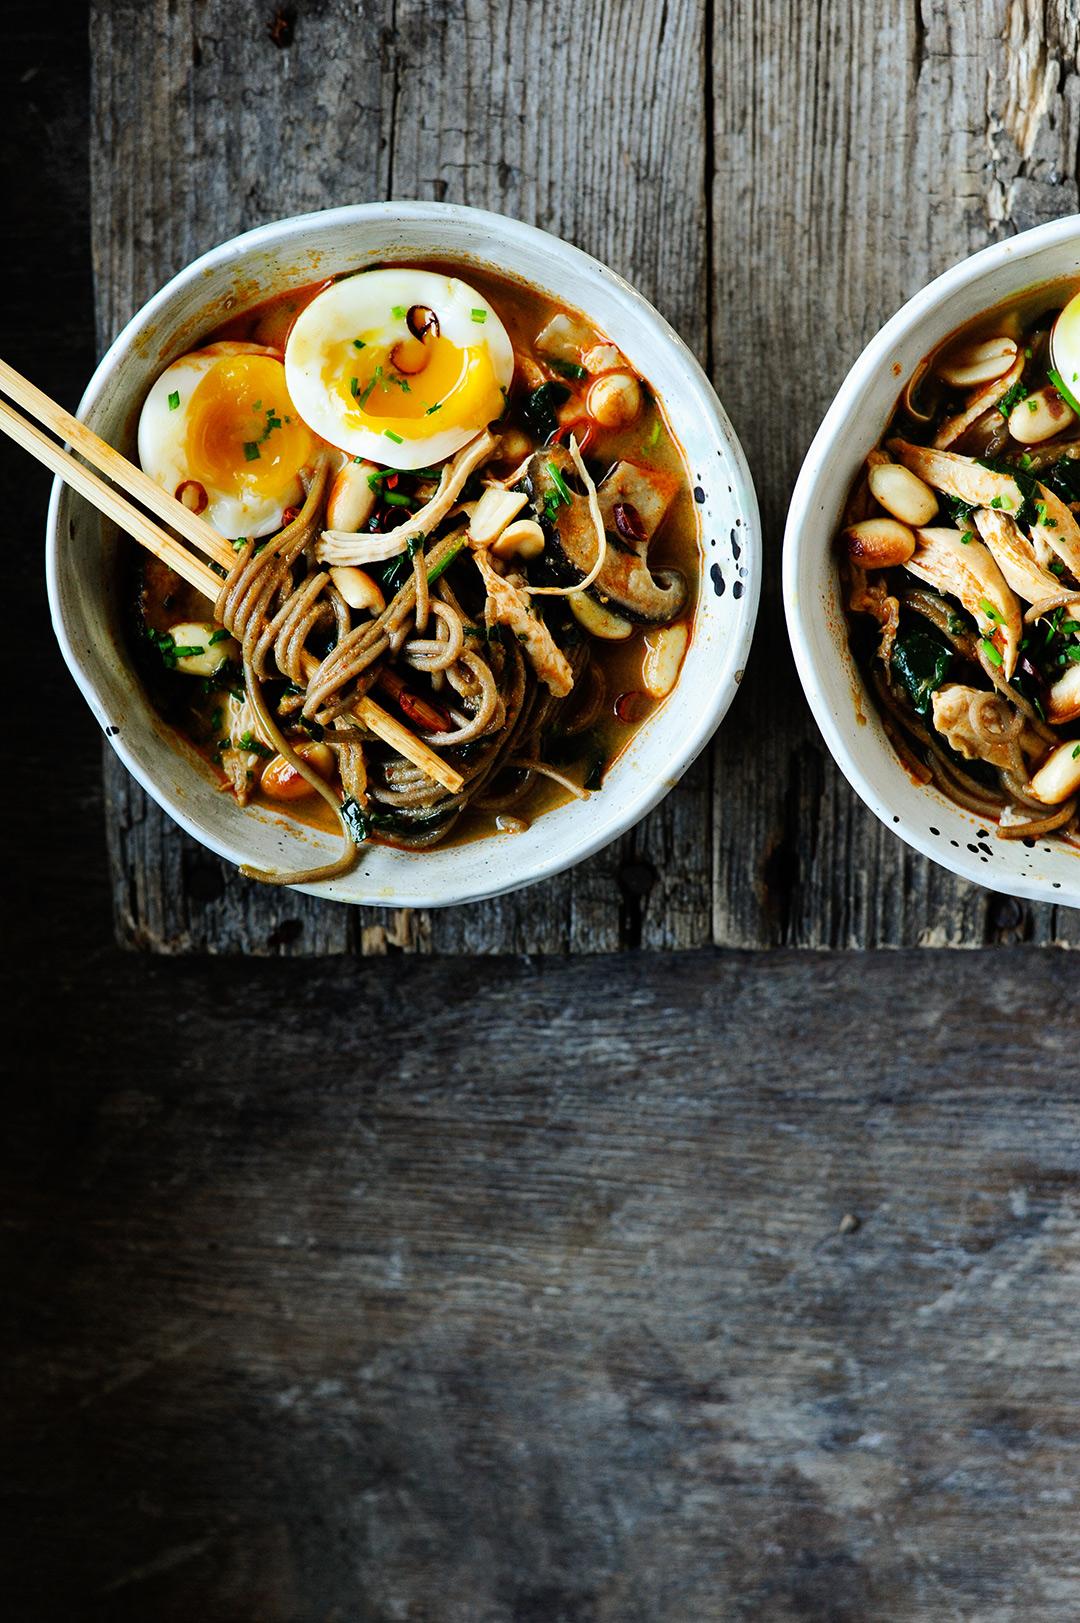 serving dumplings | Miso ramen met kip en pindakaas